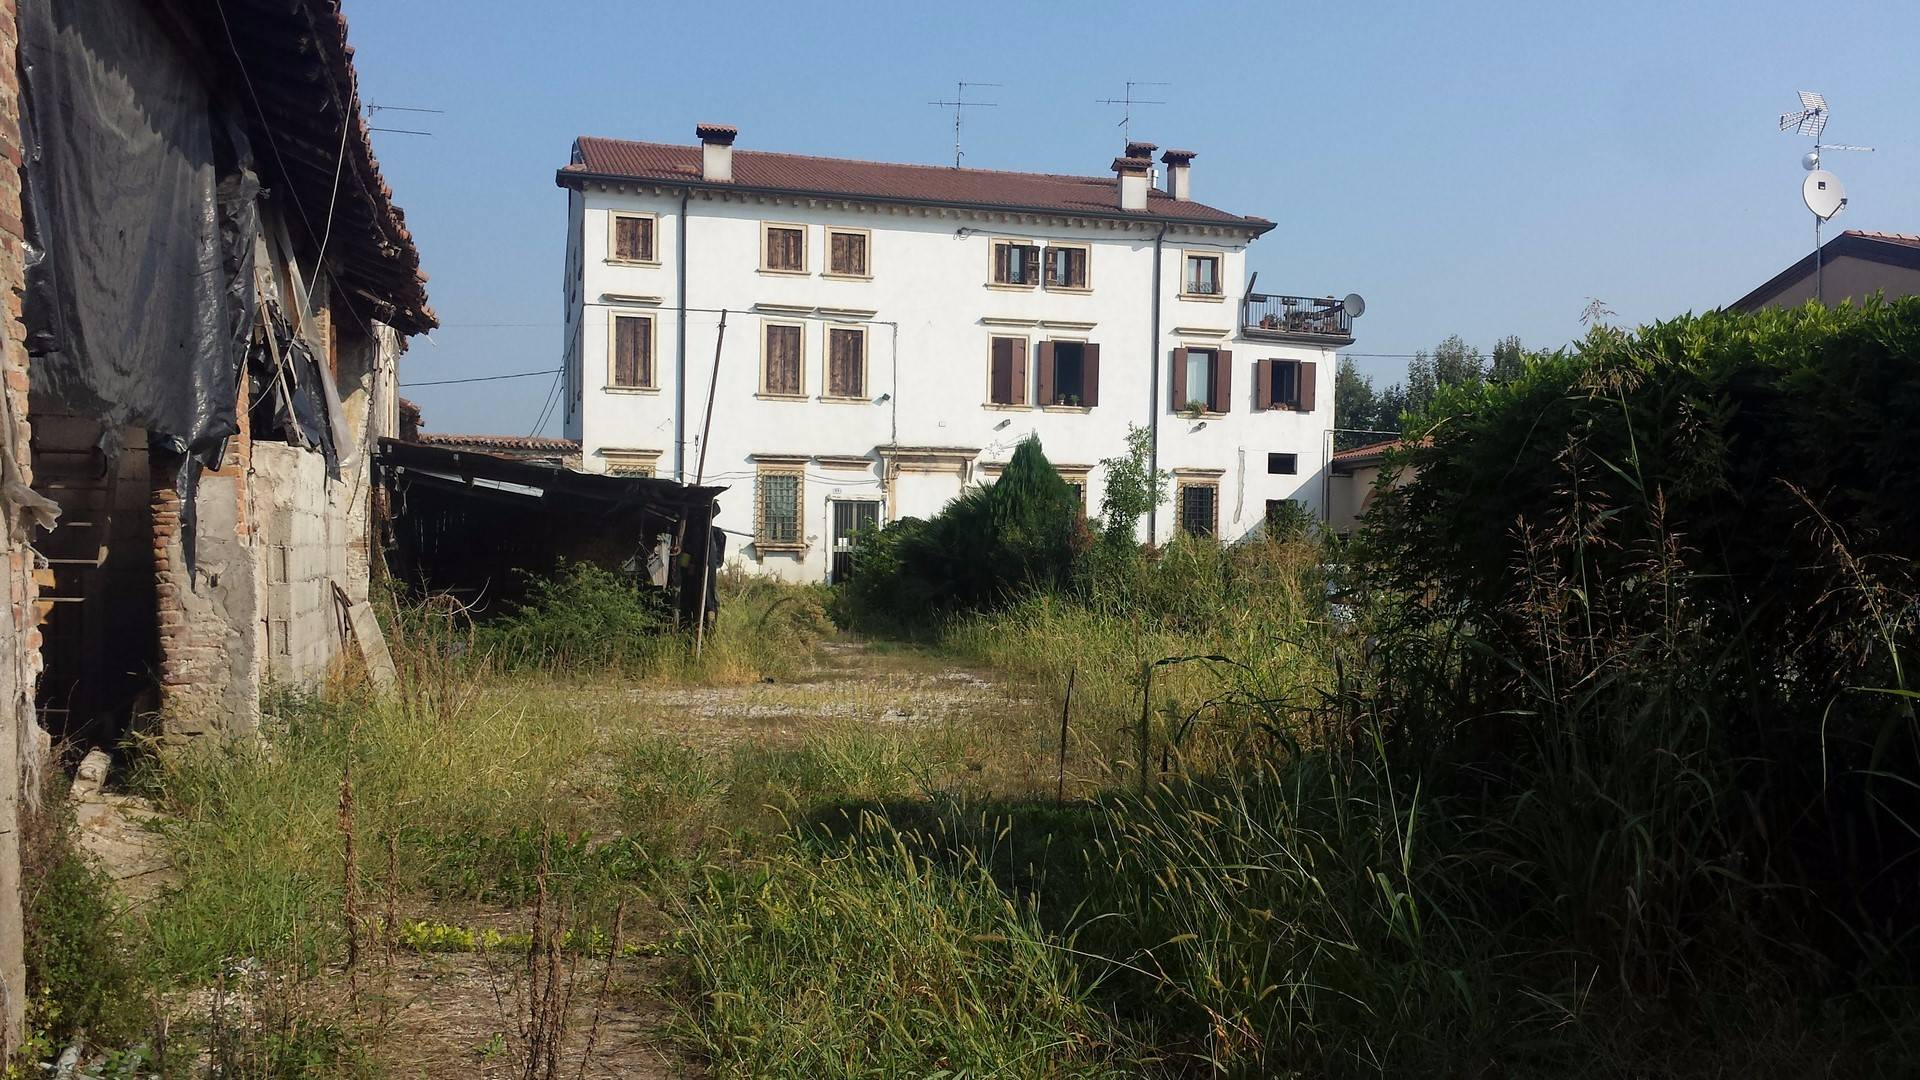 Rustico / Casale in vendita a Verona, 12 locali, zona Località: SanMichele, Trattative riservate | CambioCasa.it